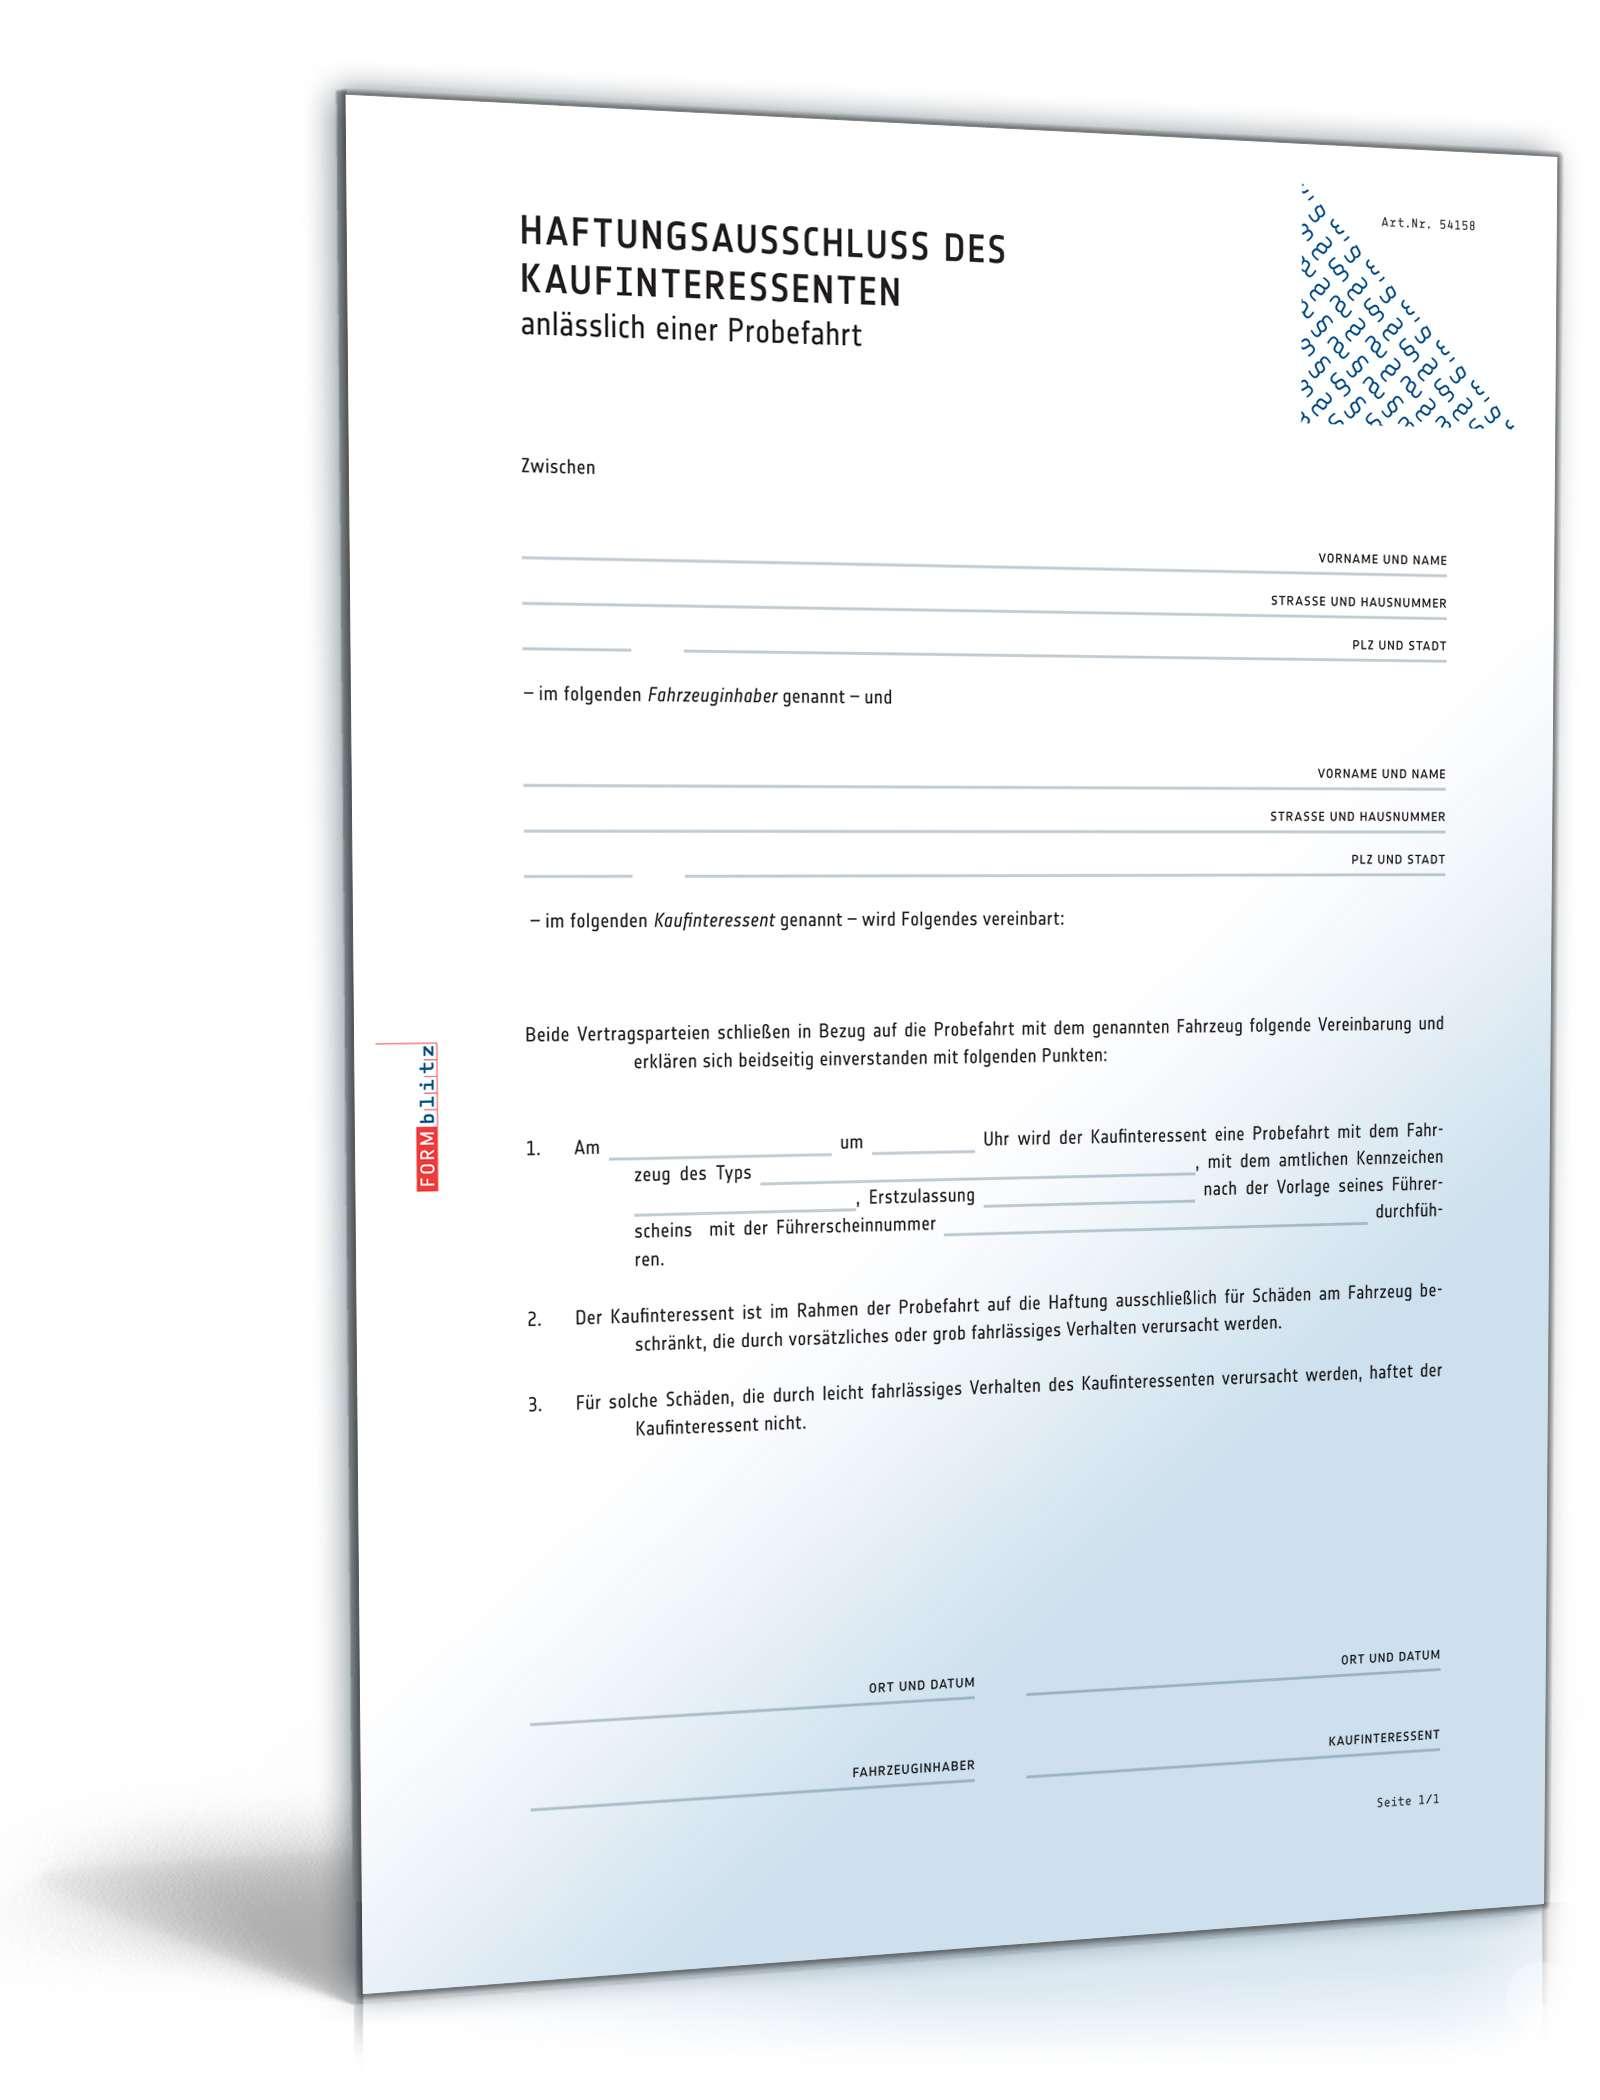 Groß Foto Haftungsausschluss Vorlage Bilder - Entry Level Resume ...